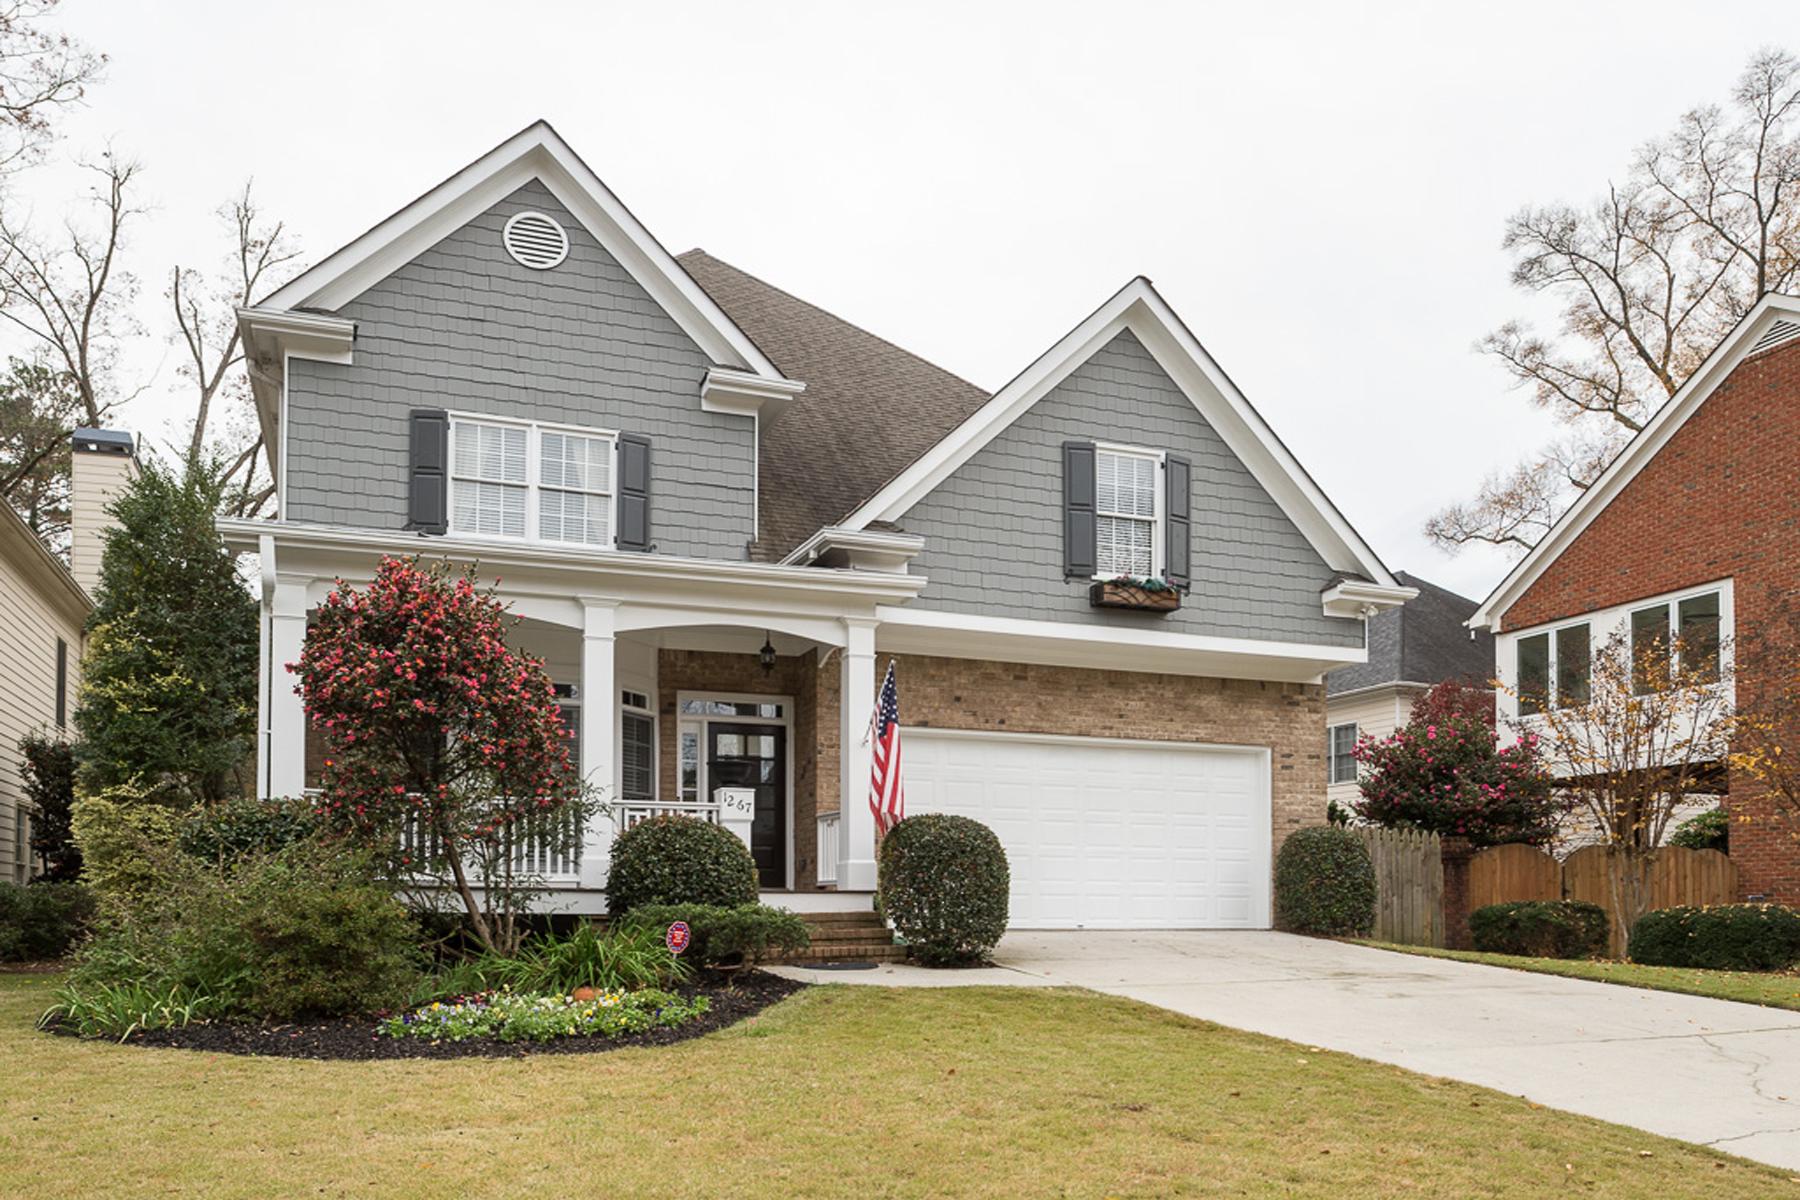 Casa Unifamiliar por un Venta en Beautiful Two Story Home In Brookhaven 1267 Kendrick Road NE Brookhaven, Atlanta, Georgia 30319 Estados Unidos